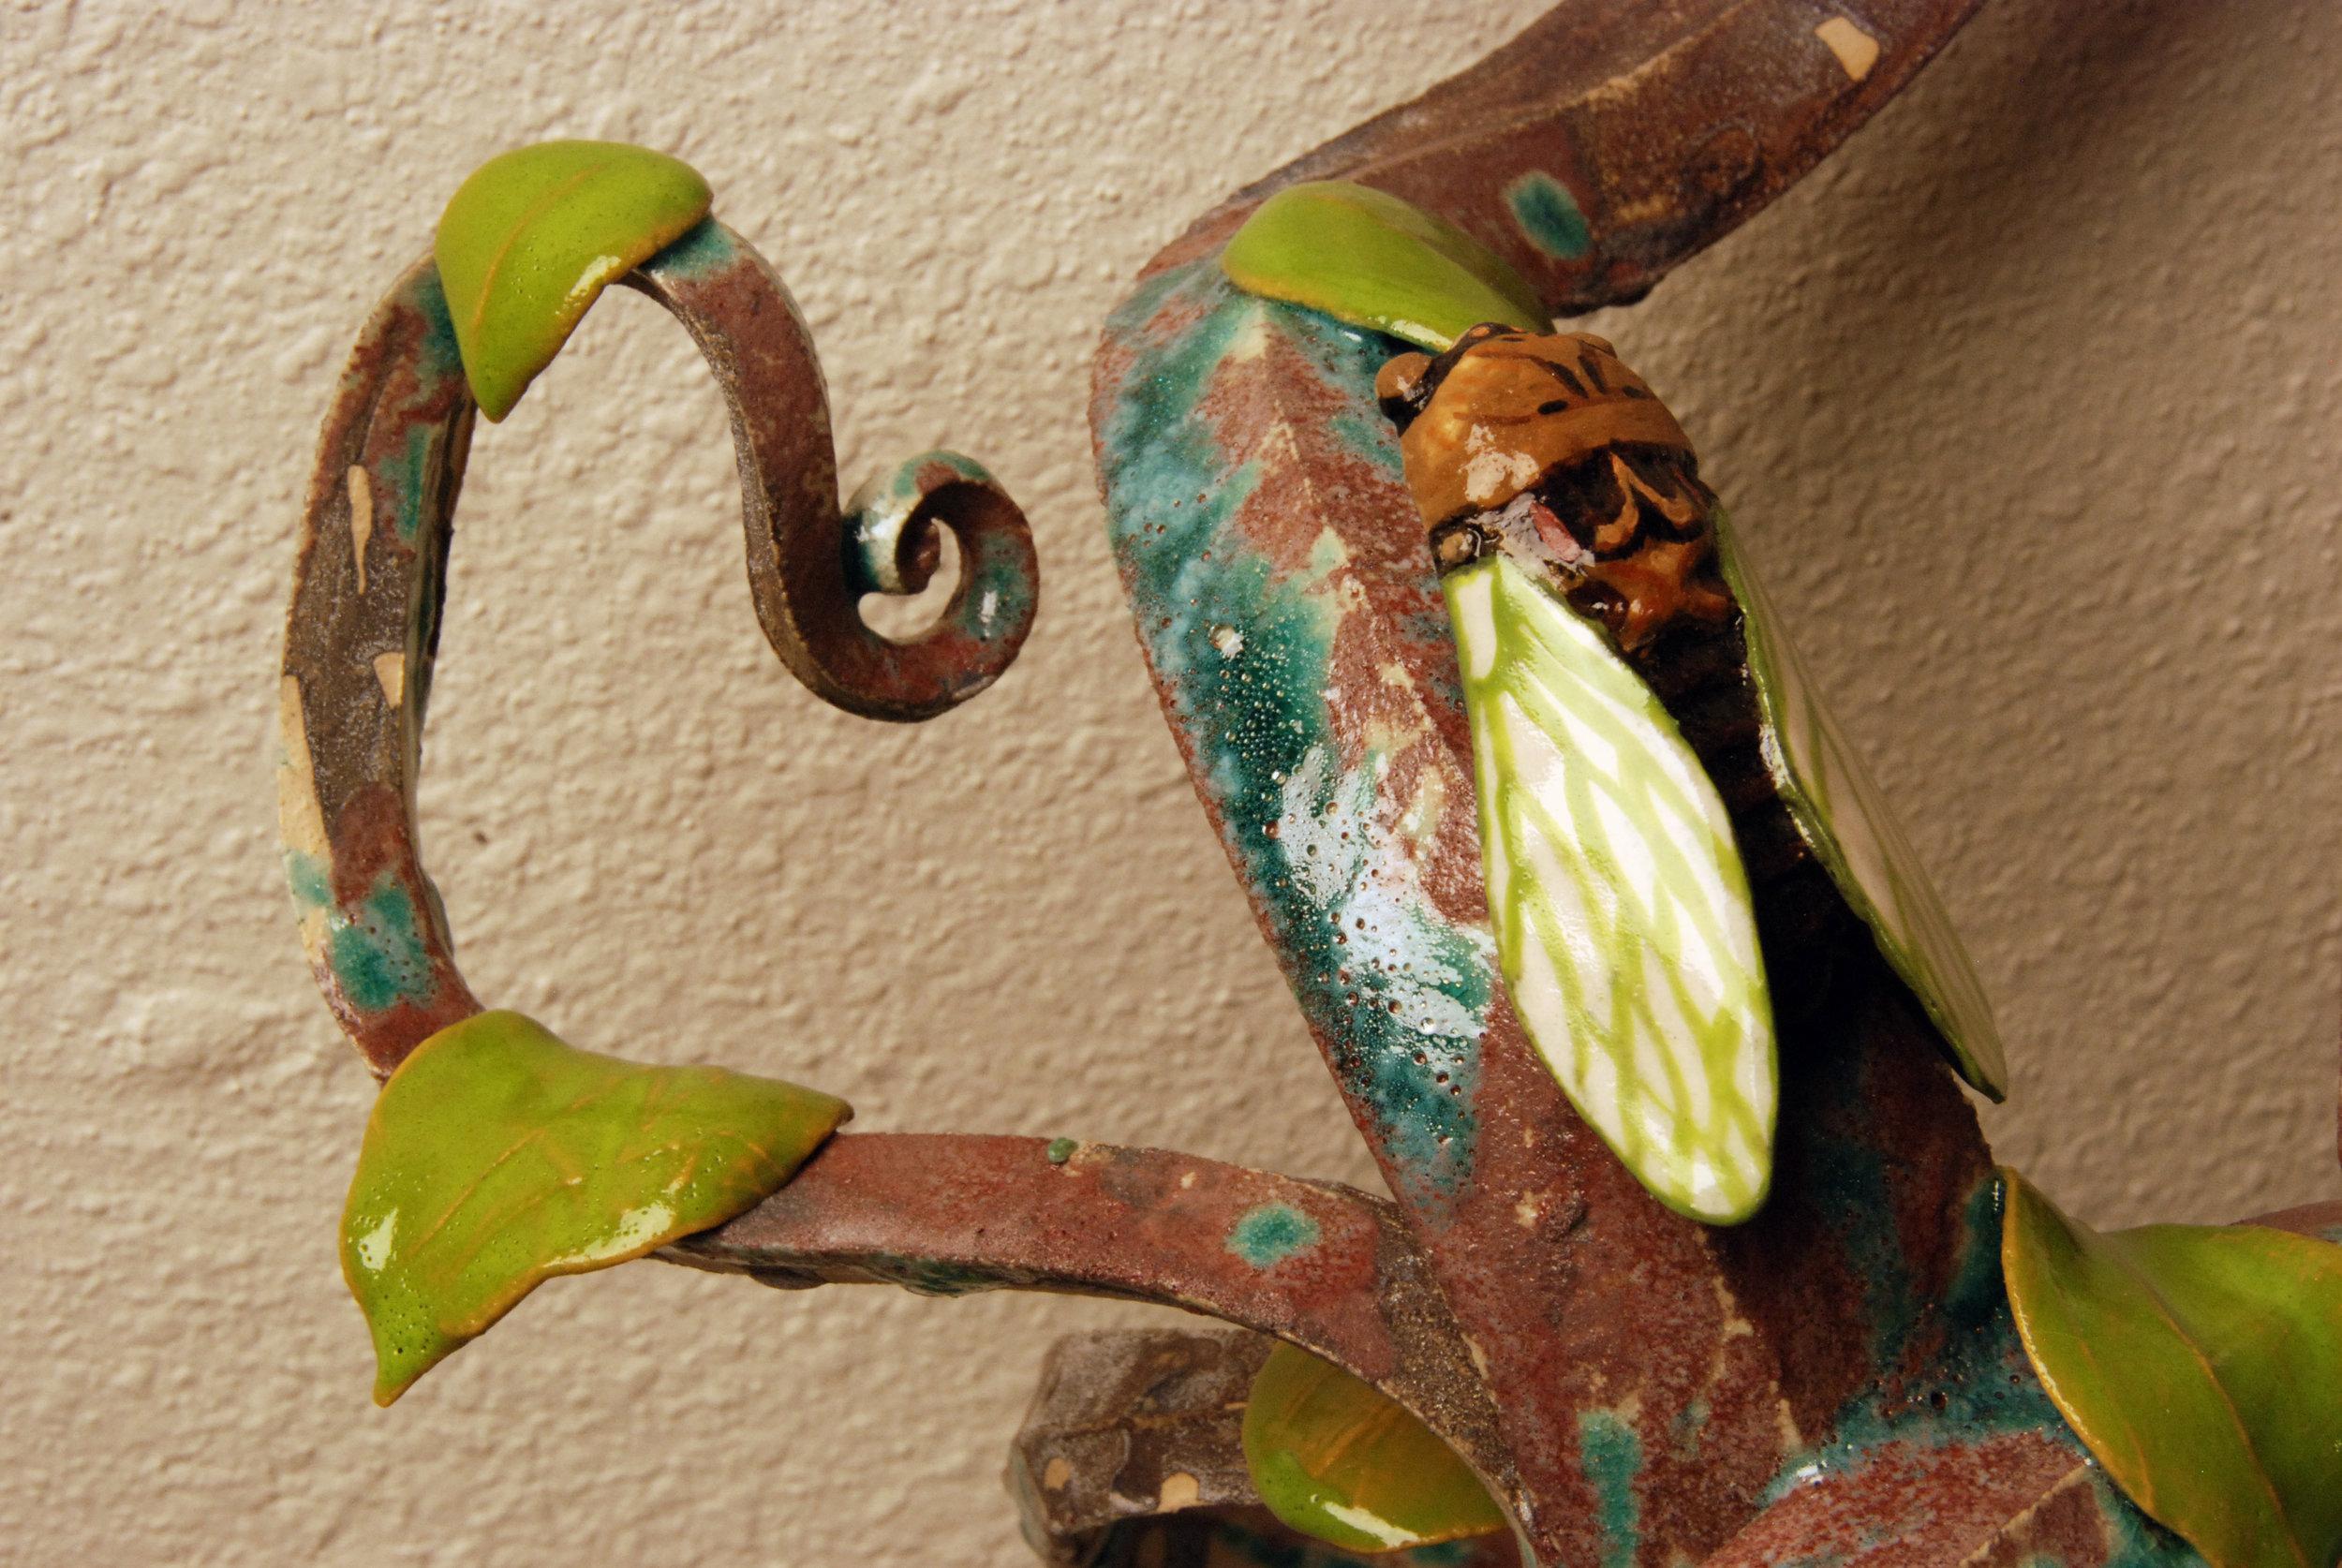 cicada4.jpg